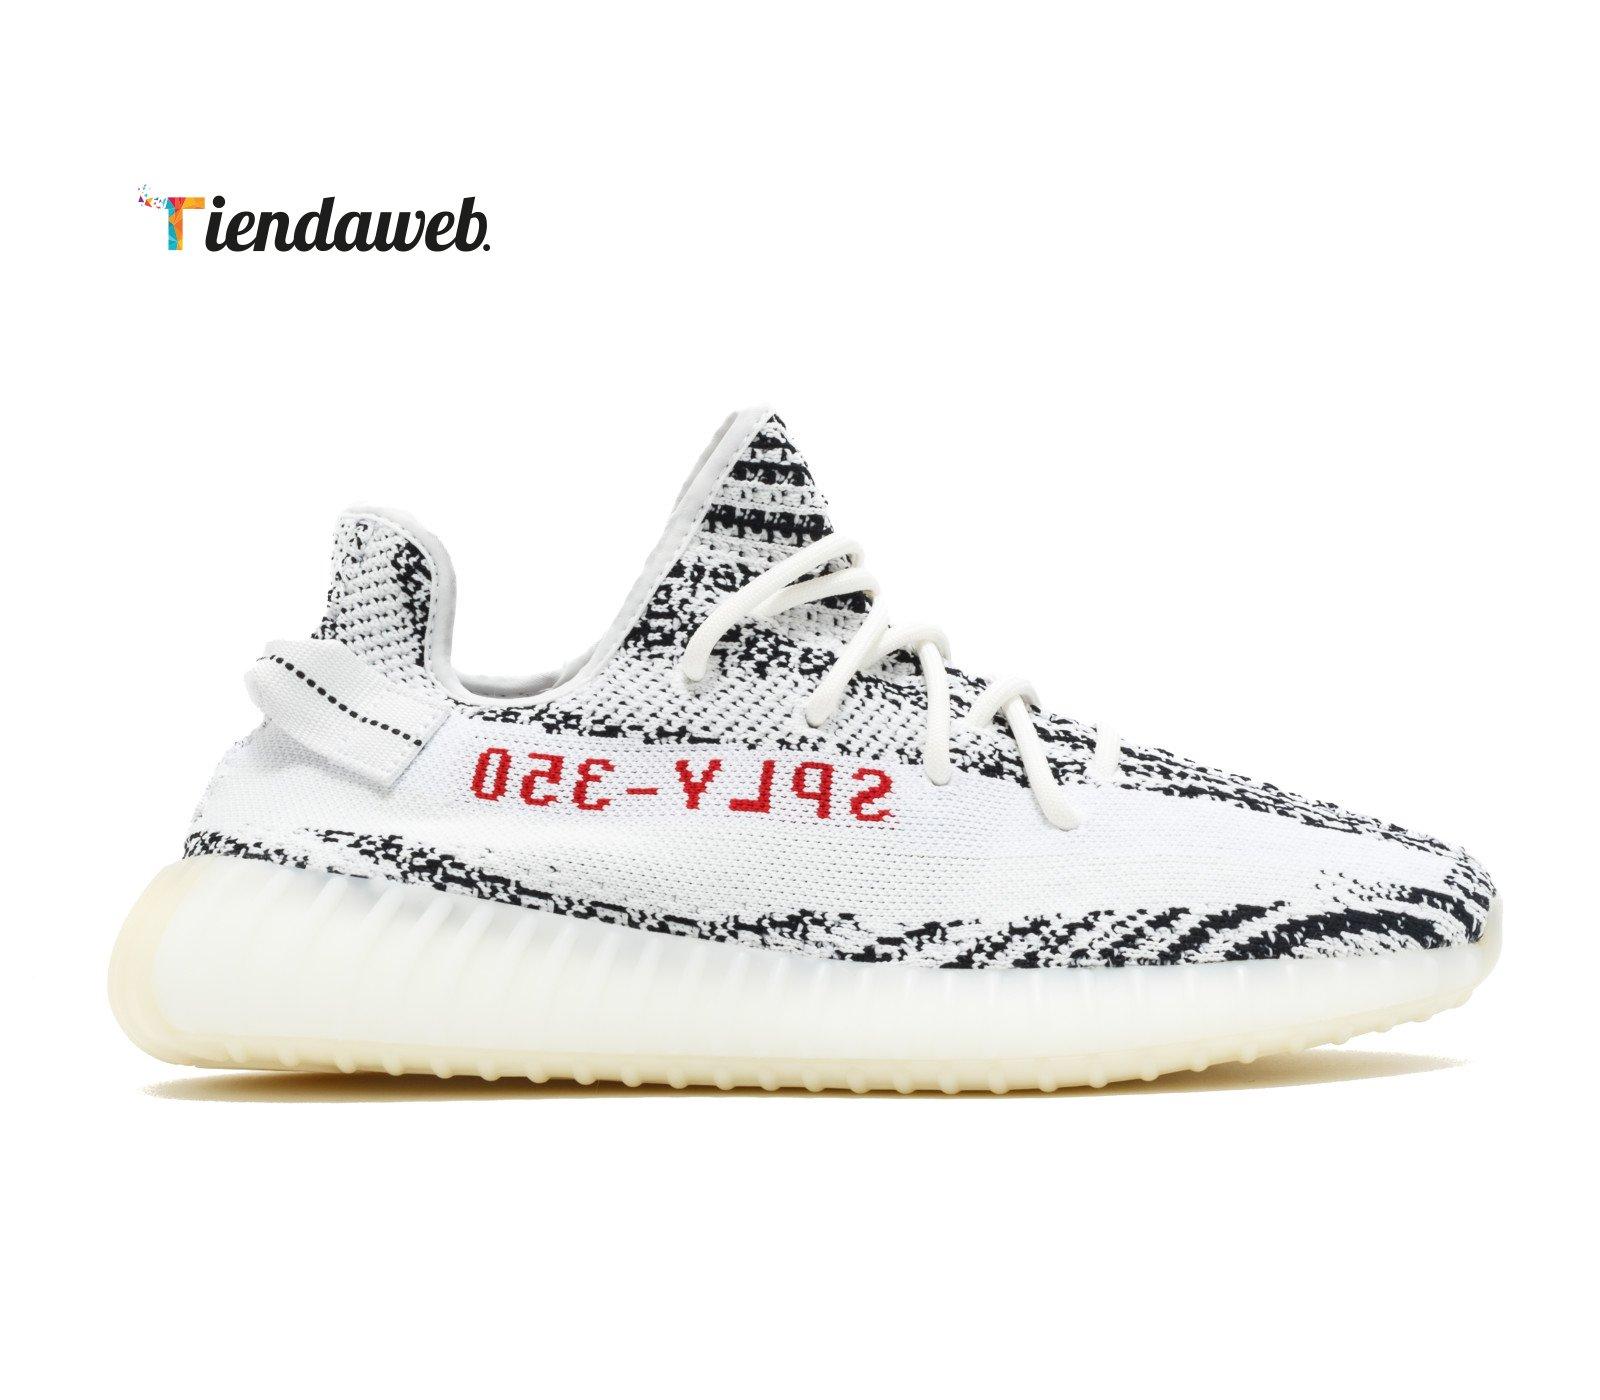 yeezy boost 350 precio adidas